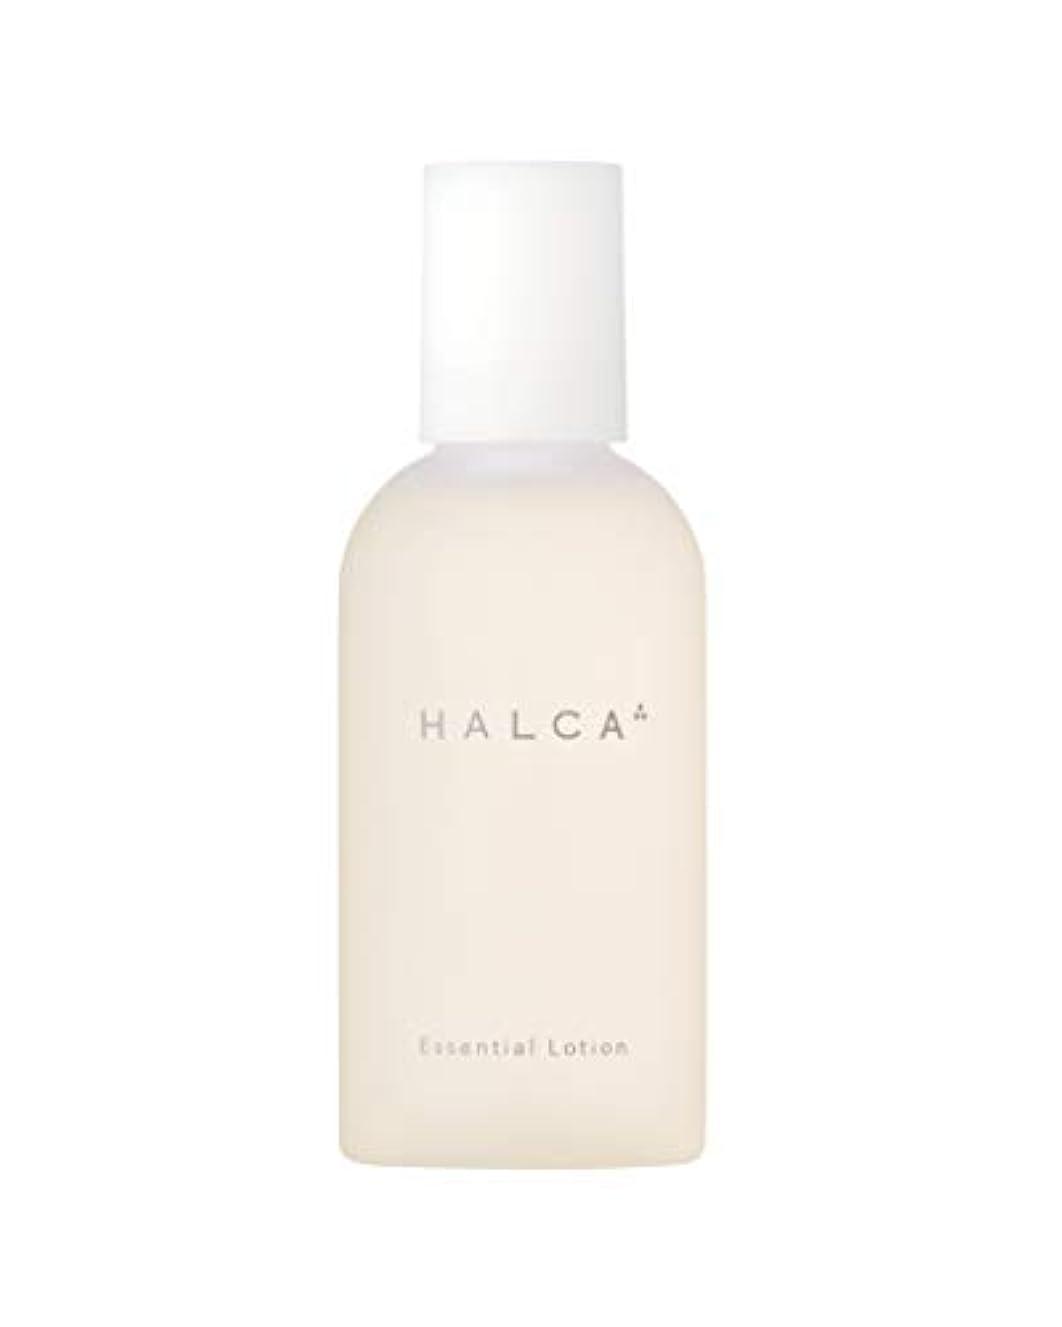 コークスブラウズ強制的HALCA エッセンシャルローション(美容液水)